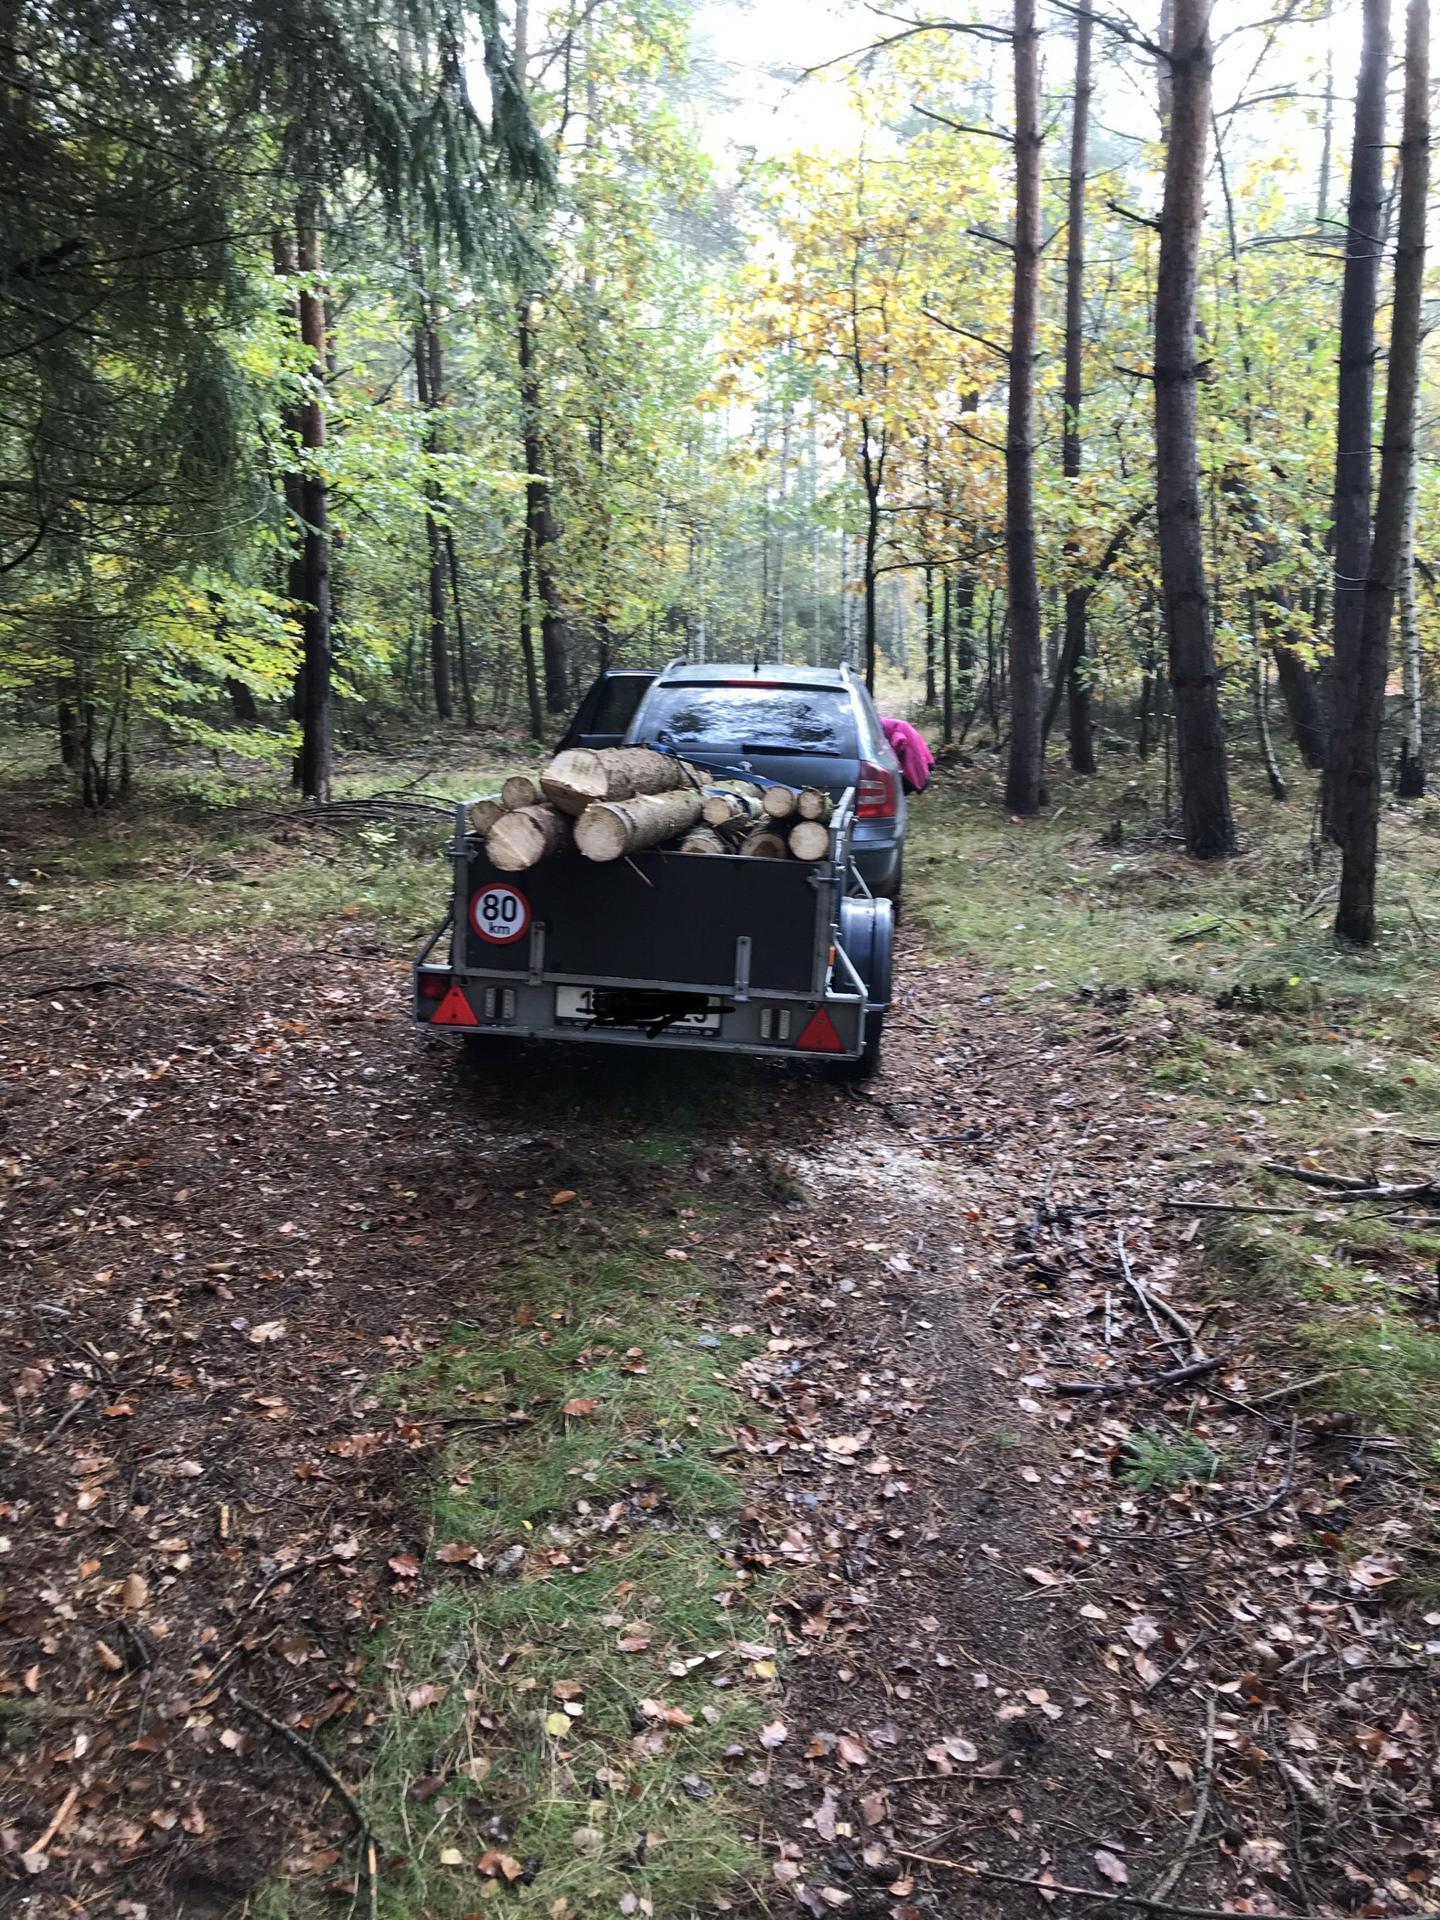 Náš Bungalov - Dneska jsme s dcerkou jeli do lesa na dřevo pro provizorní sloupky na oplocení pozemku lesnickým pletivem.